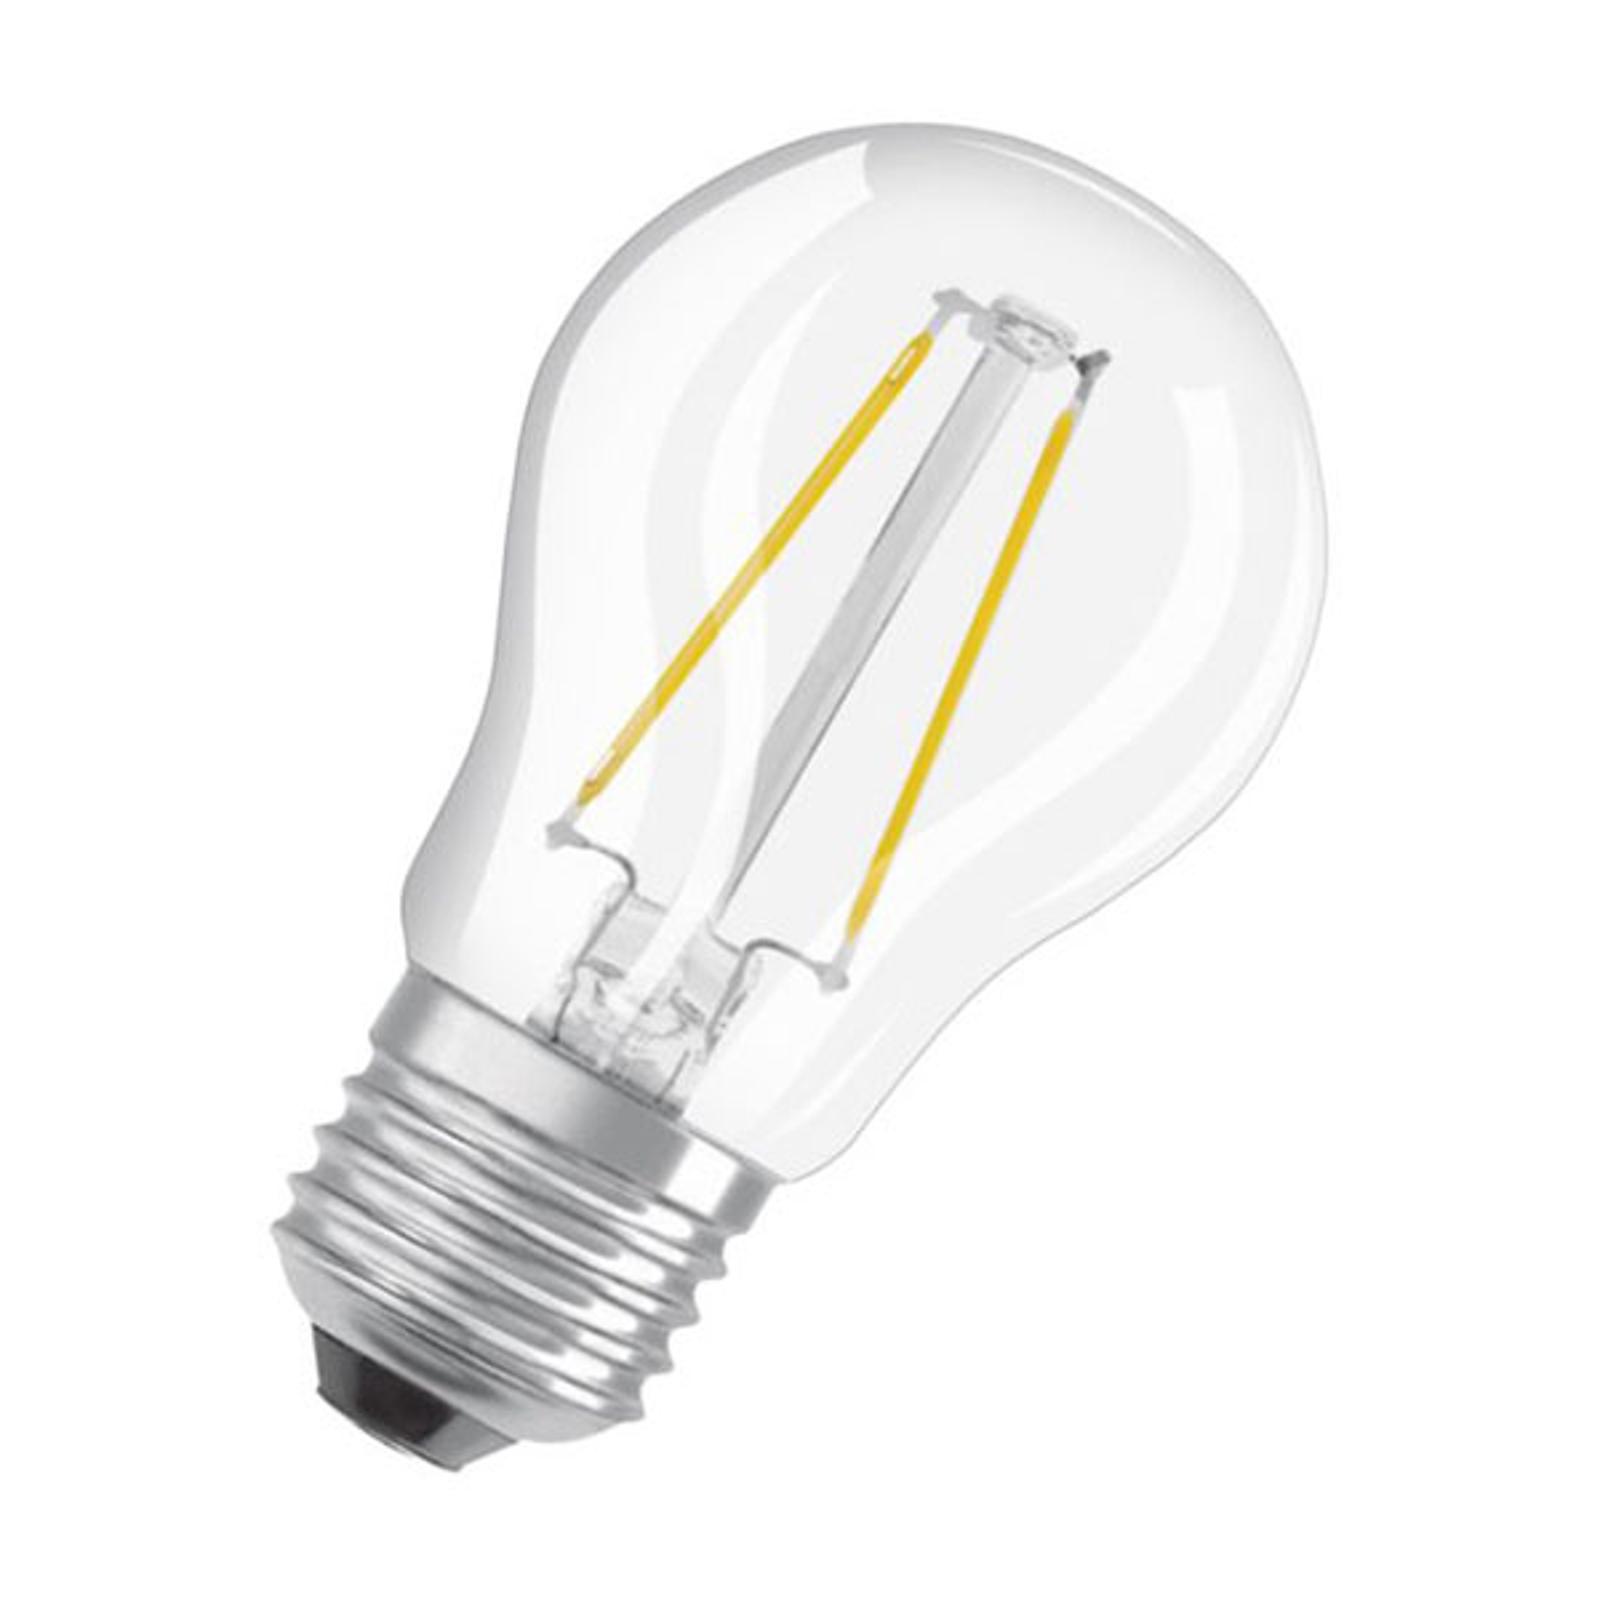 OSRAM Classic P LED-Lampe E27 2,5W 4.000K klar